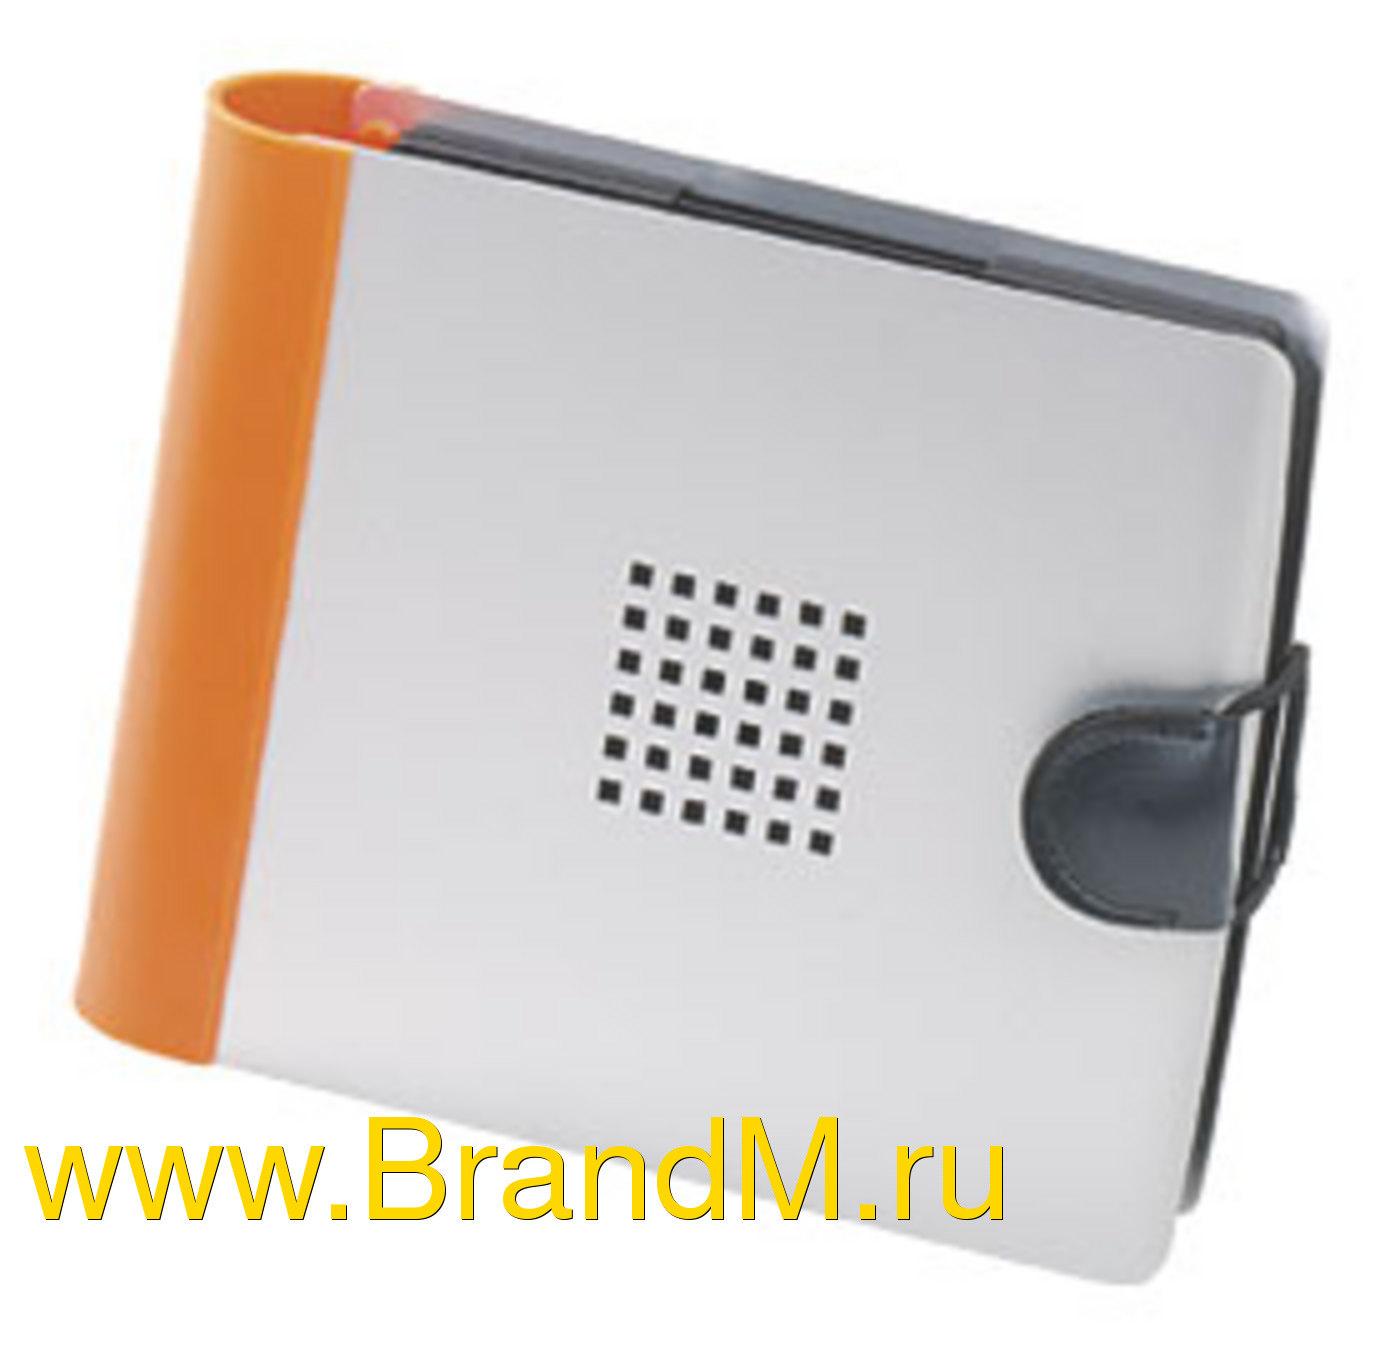 На 10 дисков с оранжевым корешком - футляры для CD - офис - Gifts.su